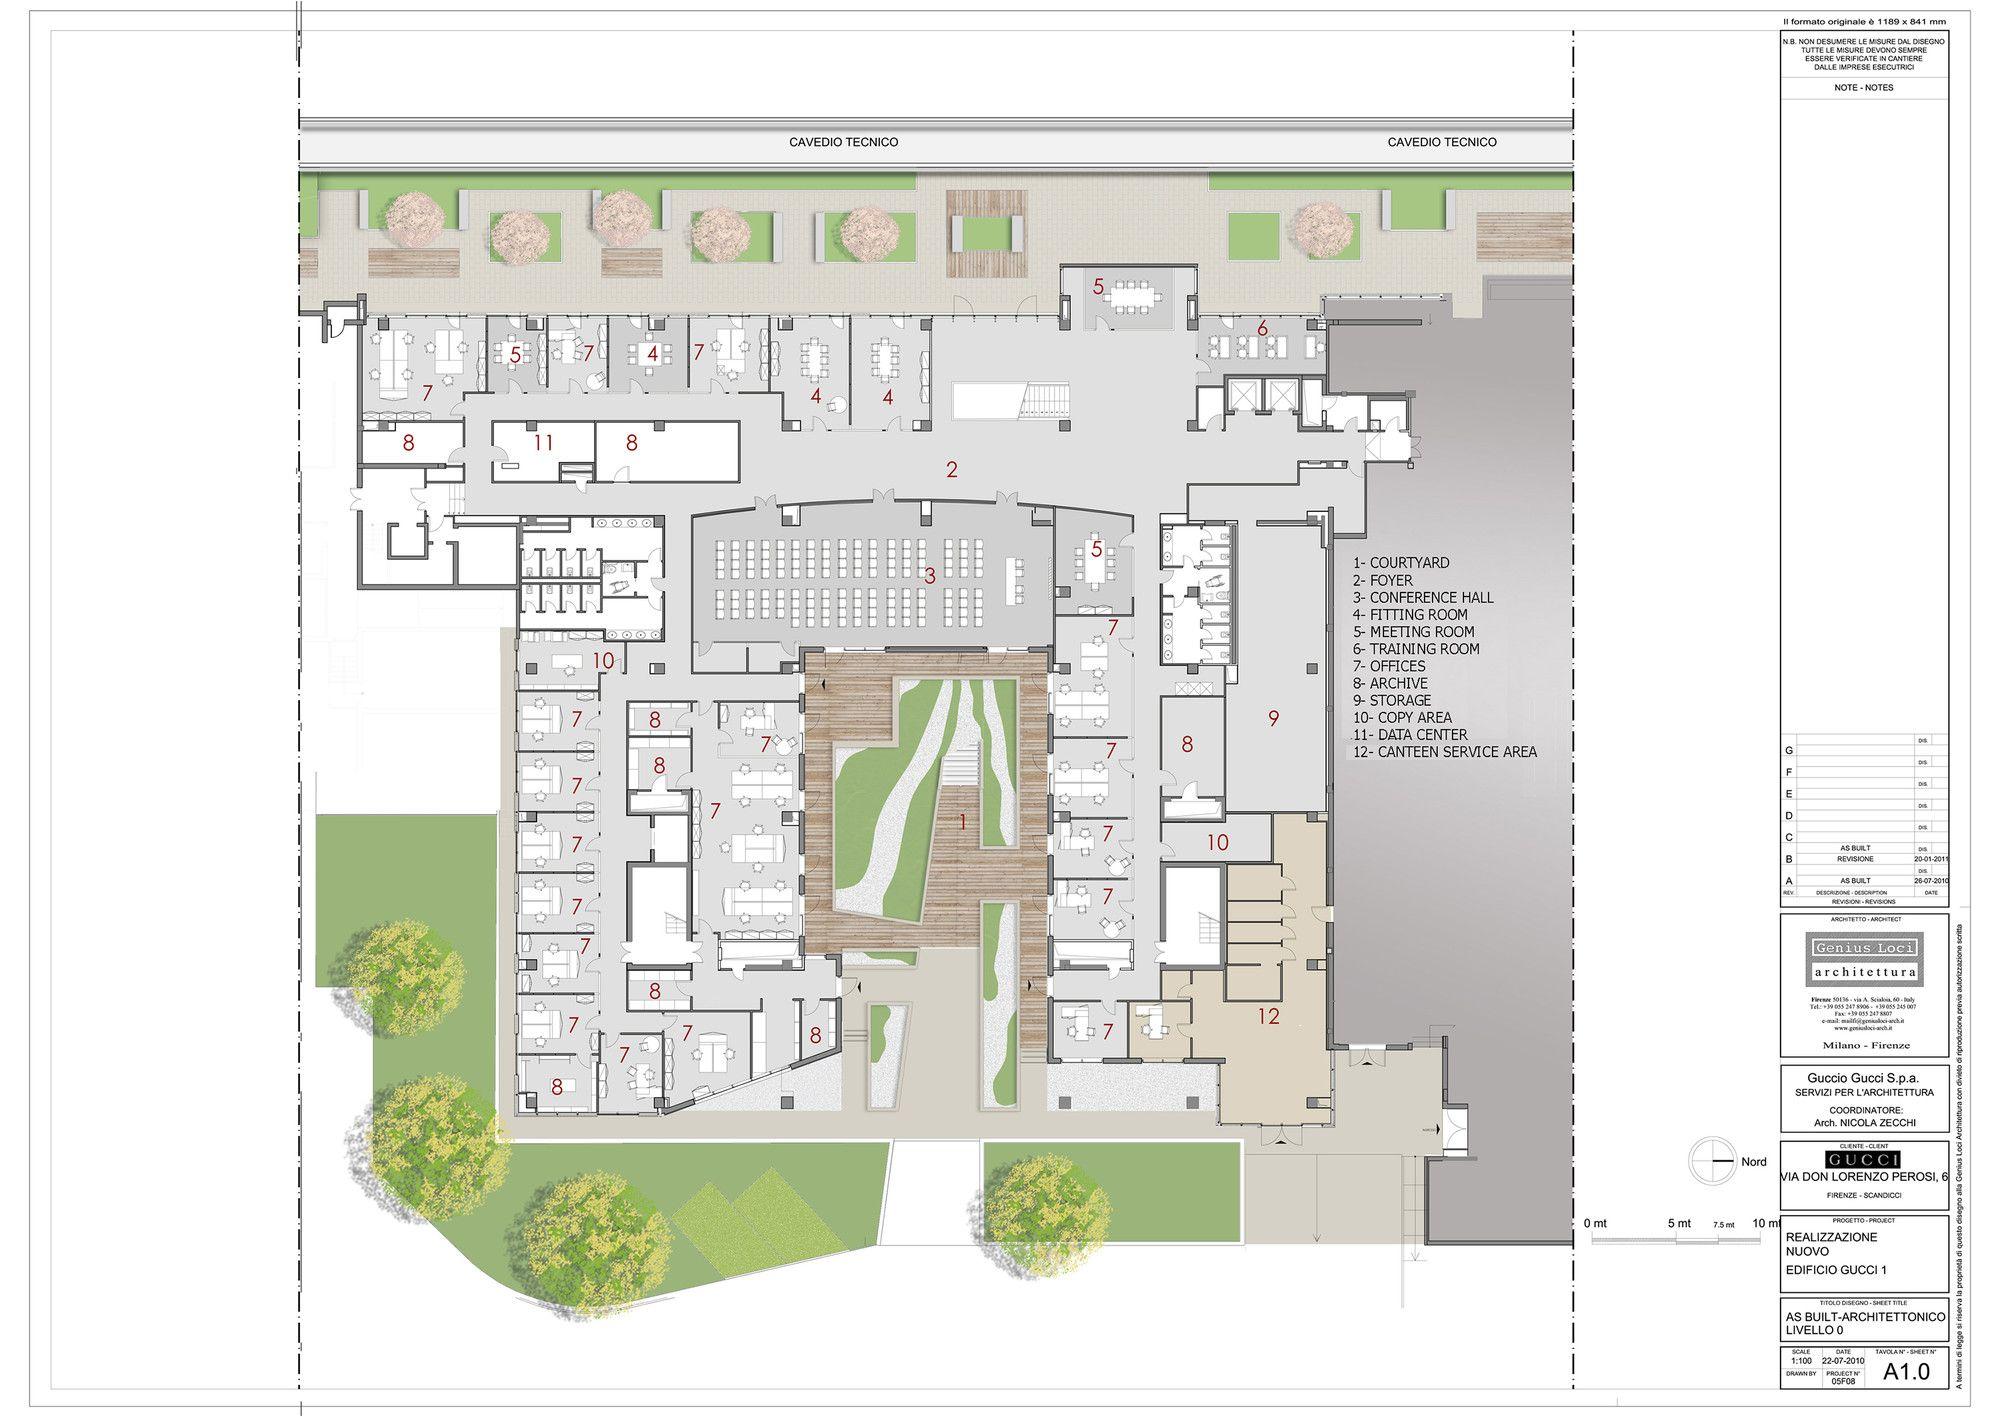 Gallery Of Gucci Headquarters Genius Loci Architettura 12 Genius Loci Ground Floor Plan Floor Plans